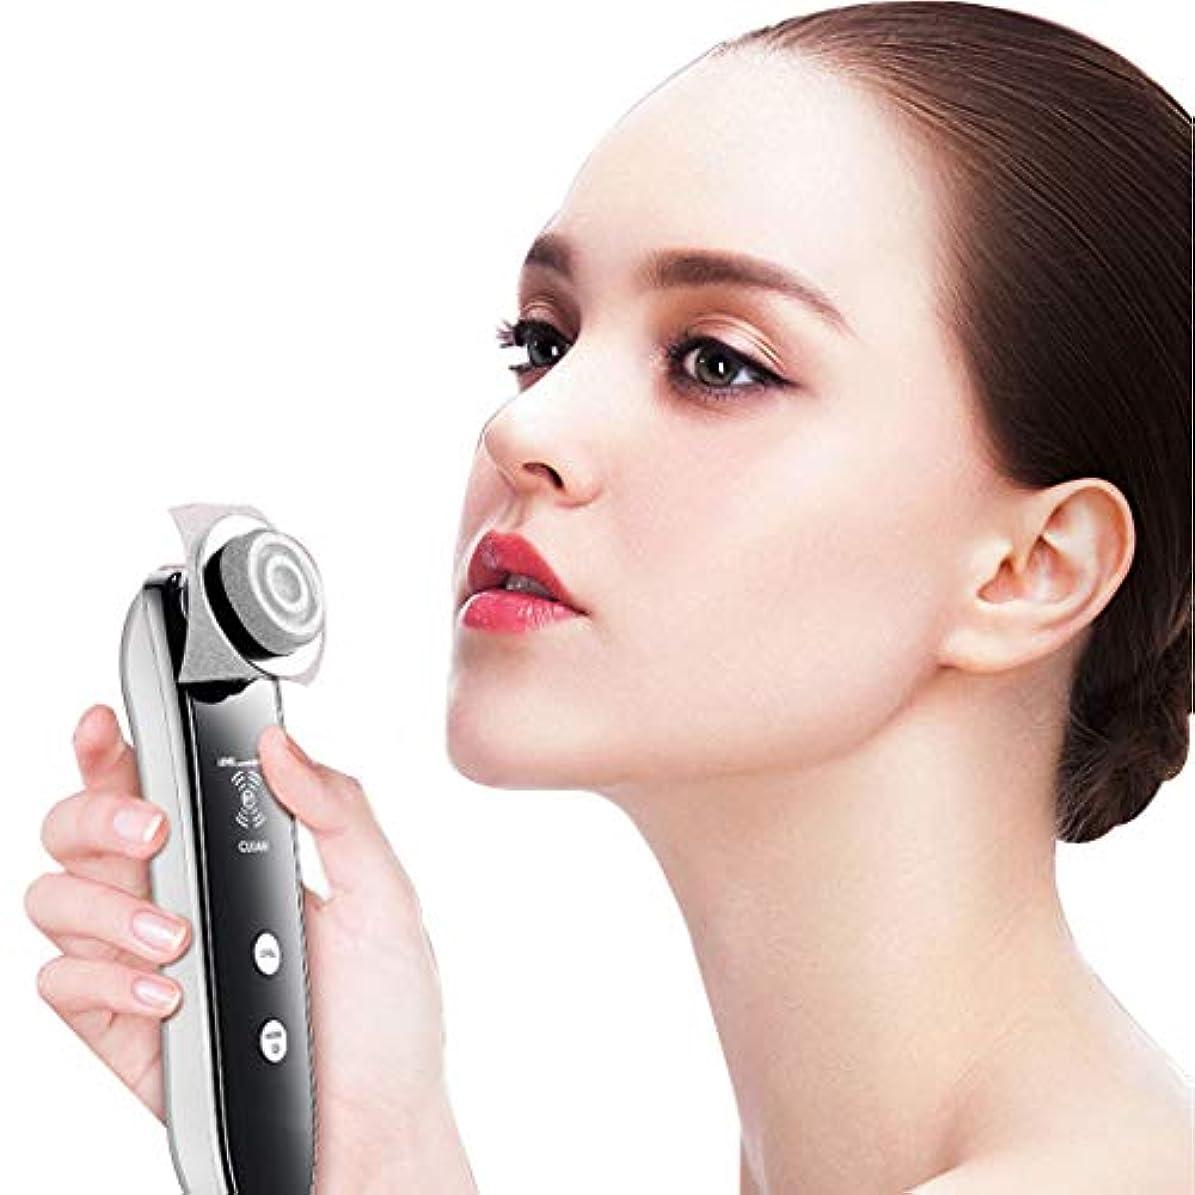 カロリー雄弁な間に合わせRF の無線周波数の美の器械 5 1 の多機能の顔のマッサージ器、皮の気遣うことのための美装置、穏やかな剥離および気孔の収縮のための機械